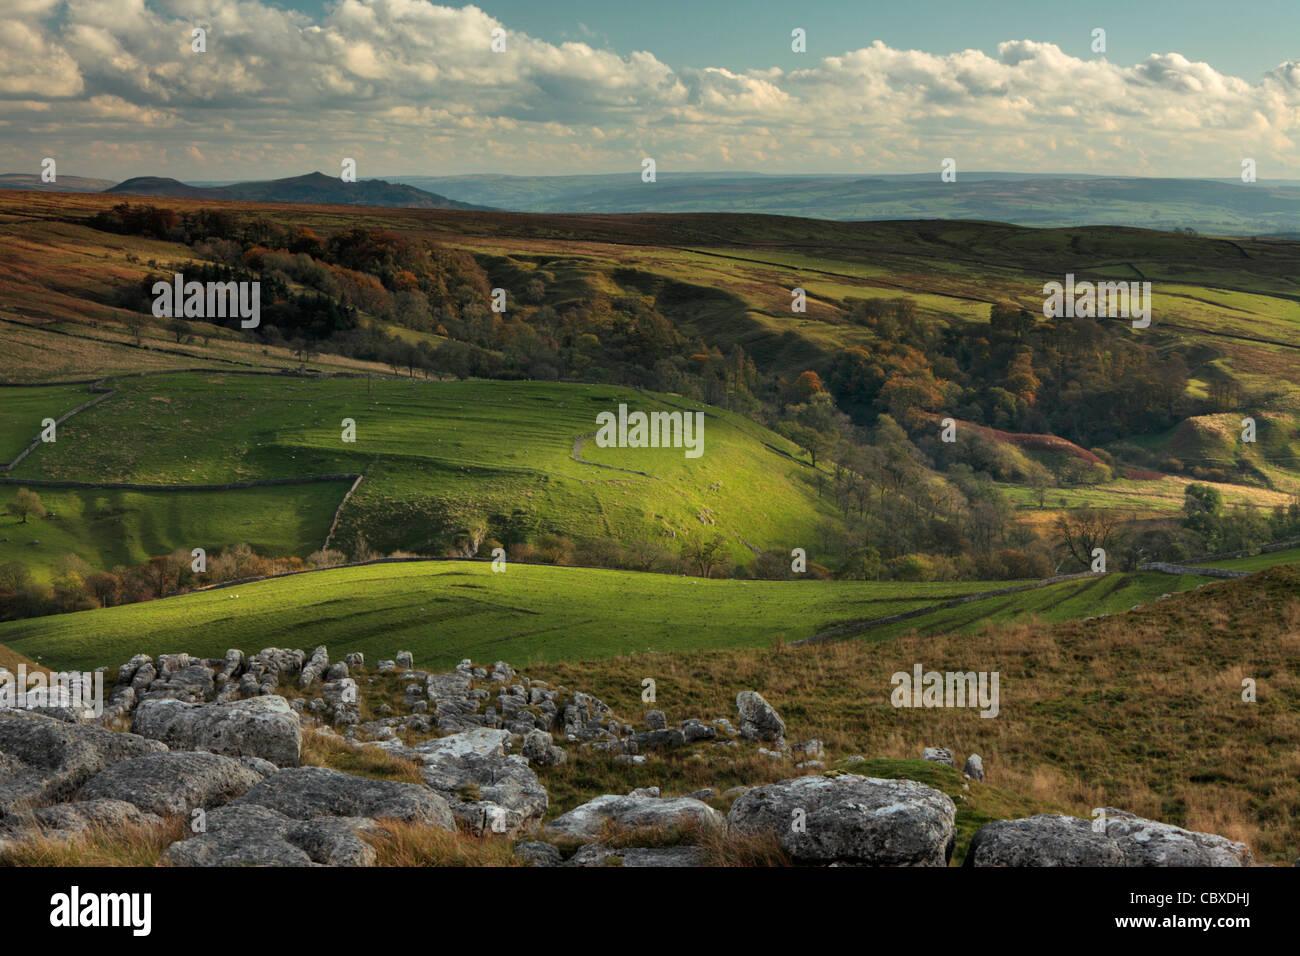 Luce della Sera sulla bellissima e aspro paesaggio di Malhamdale, nello Yorkshire, Inghilterra Immagini Stock